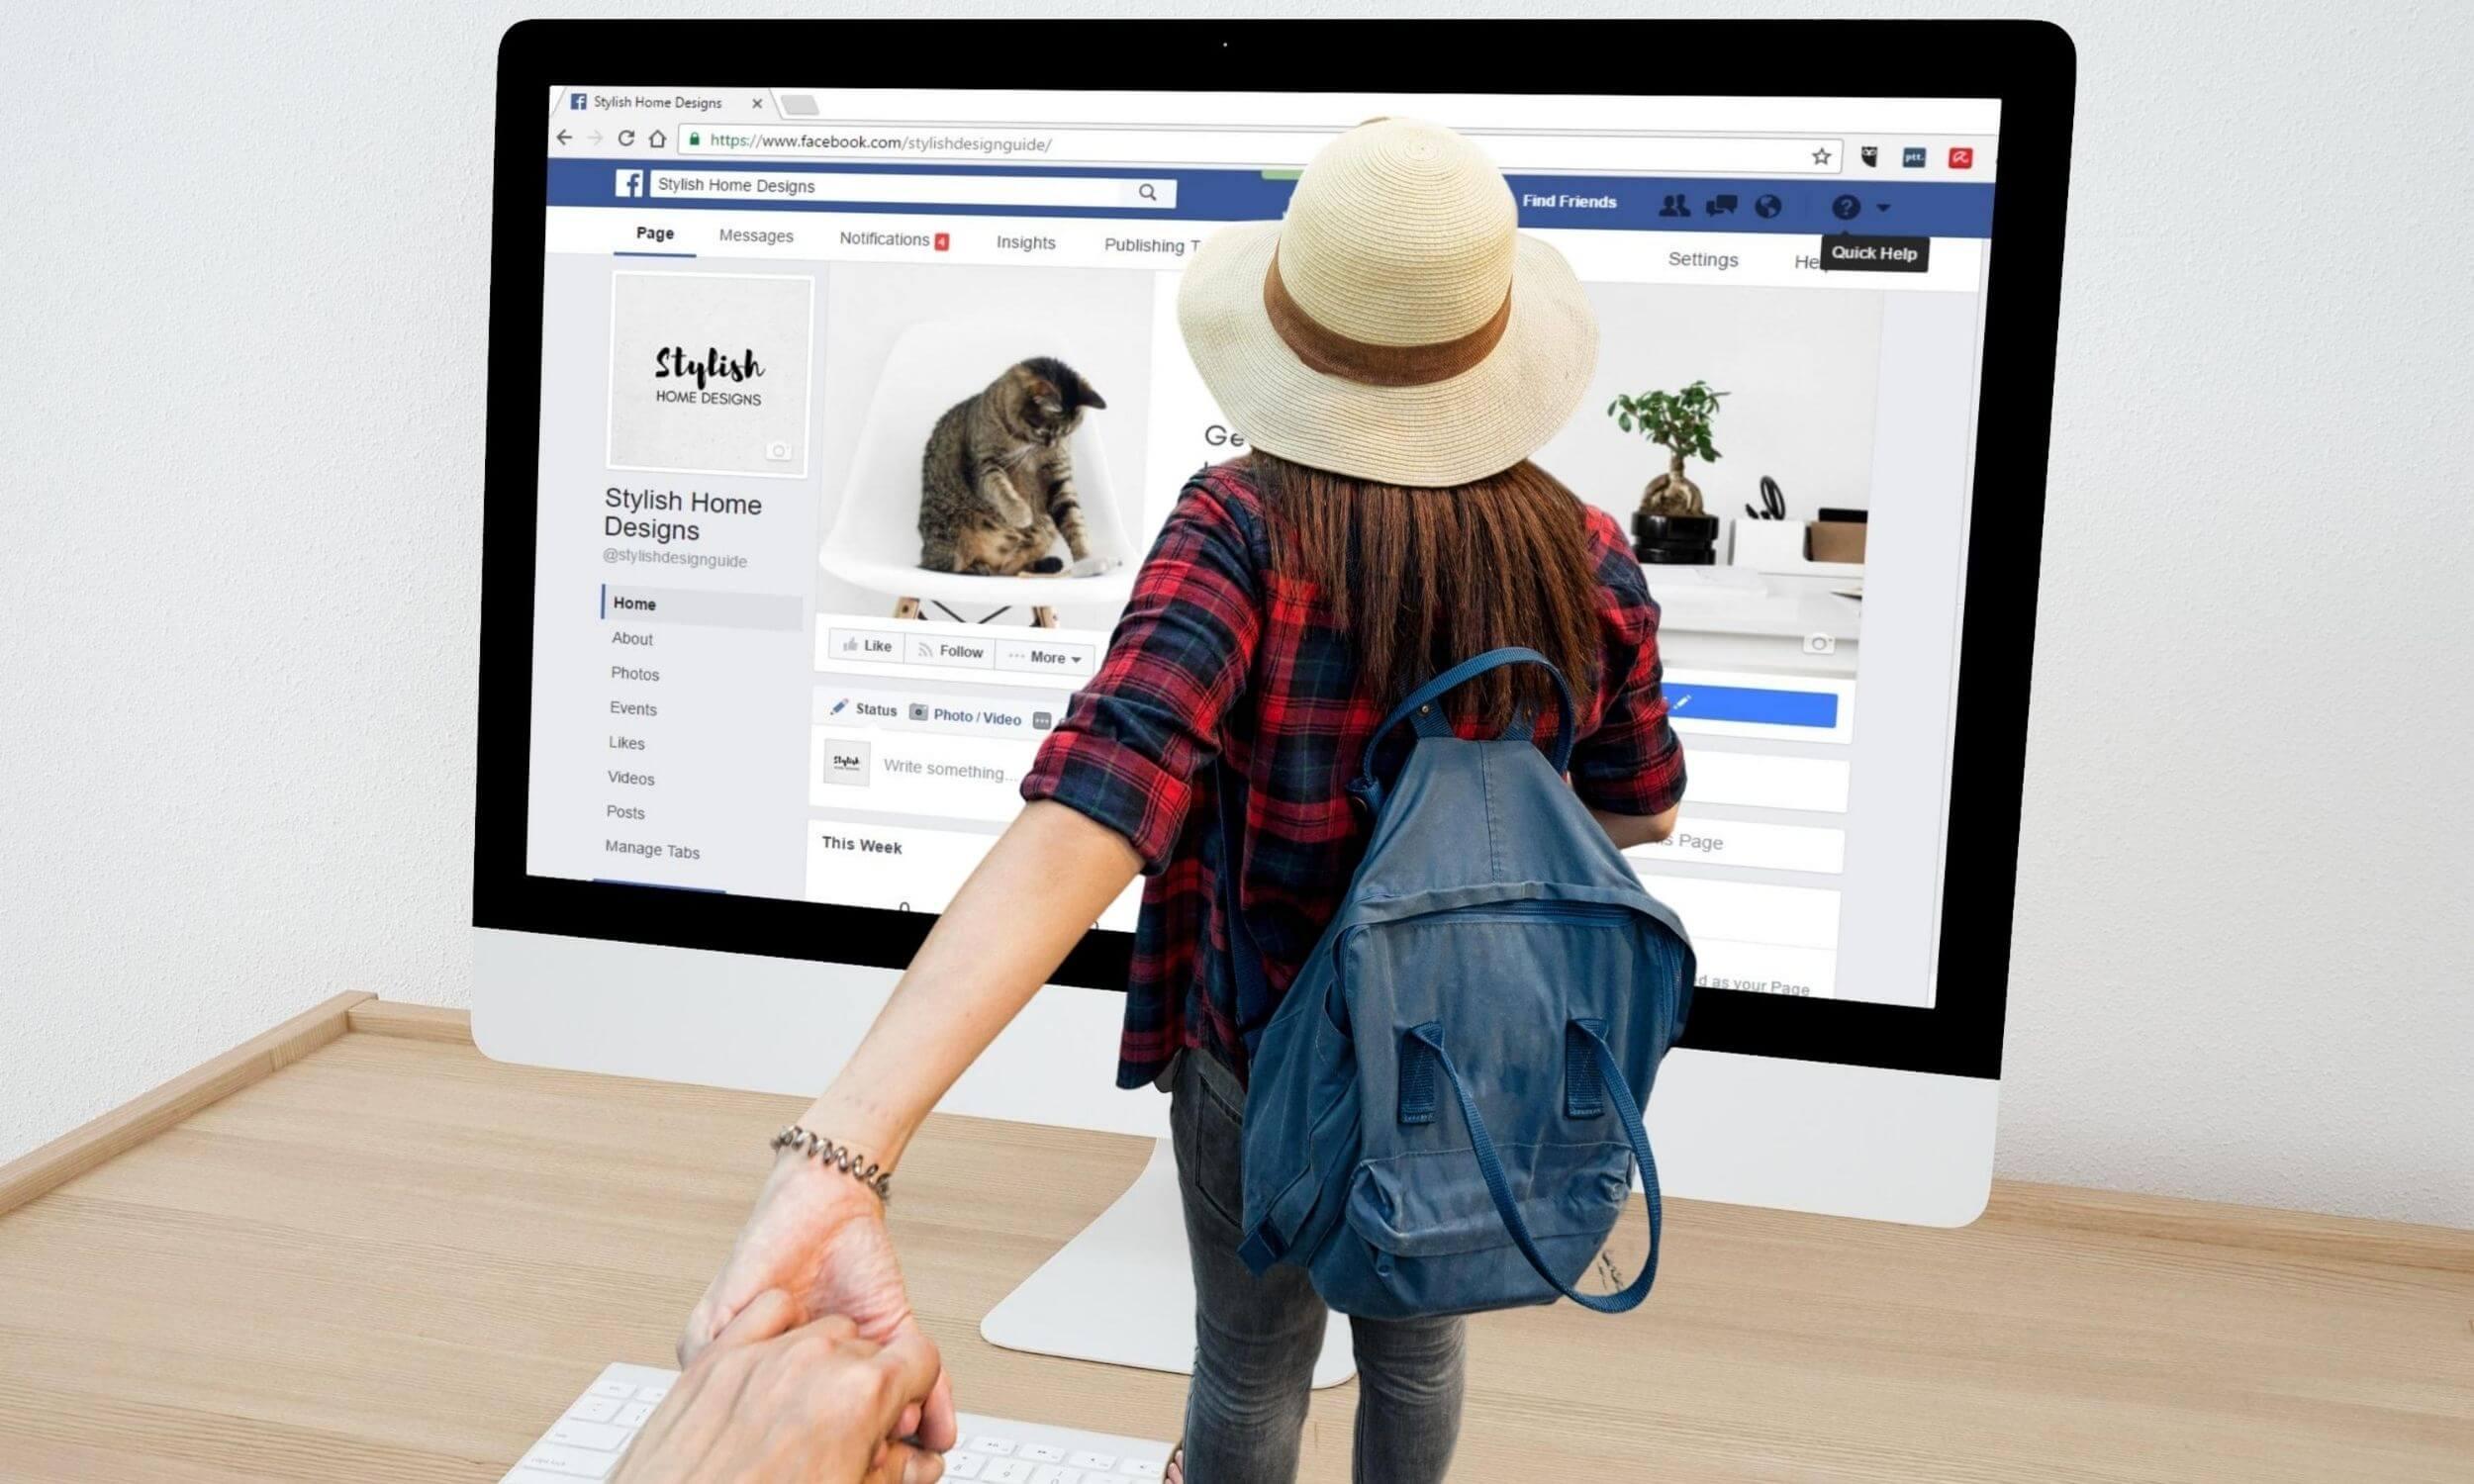 עוקבים בפייסבוק דיגיטל בוסט DigitalBoost